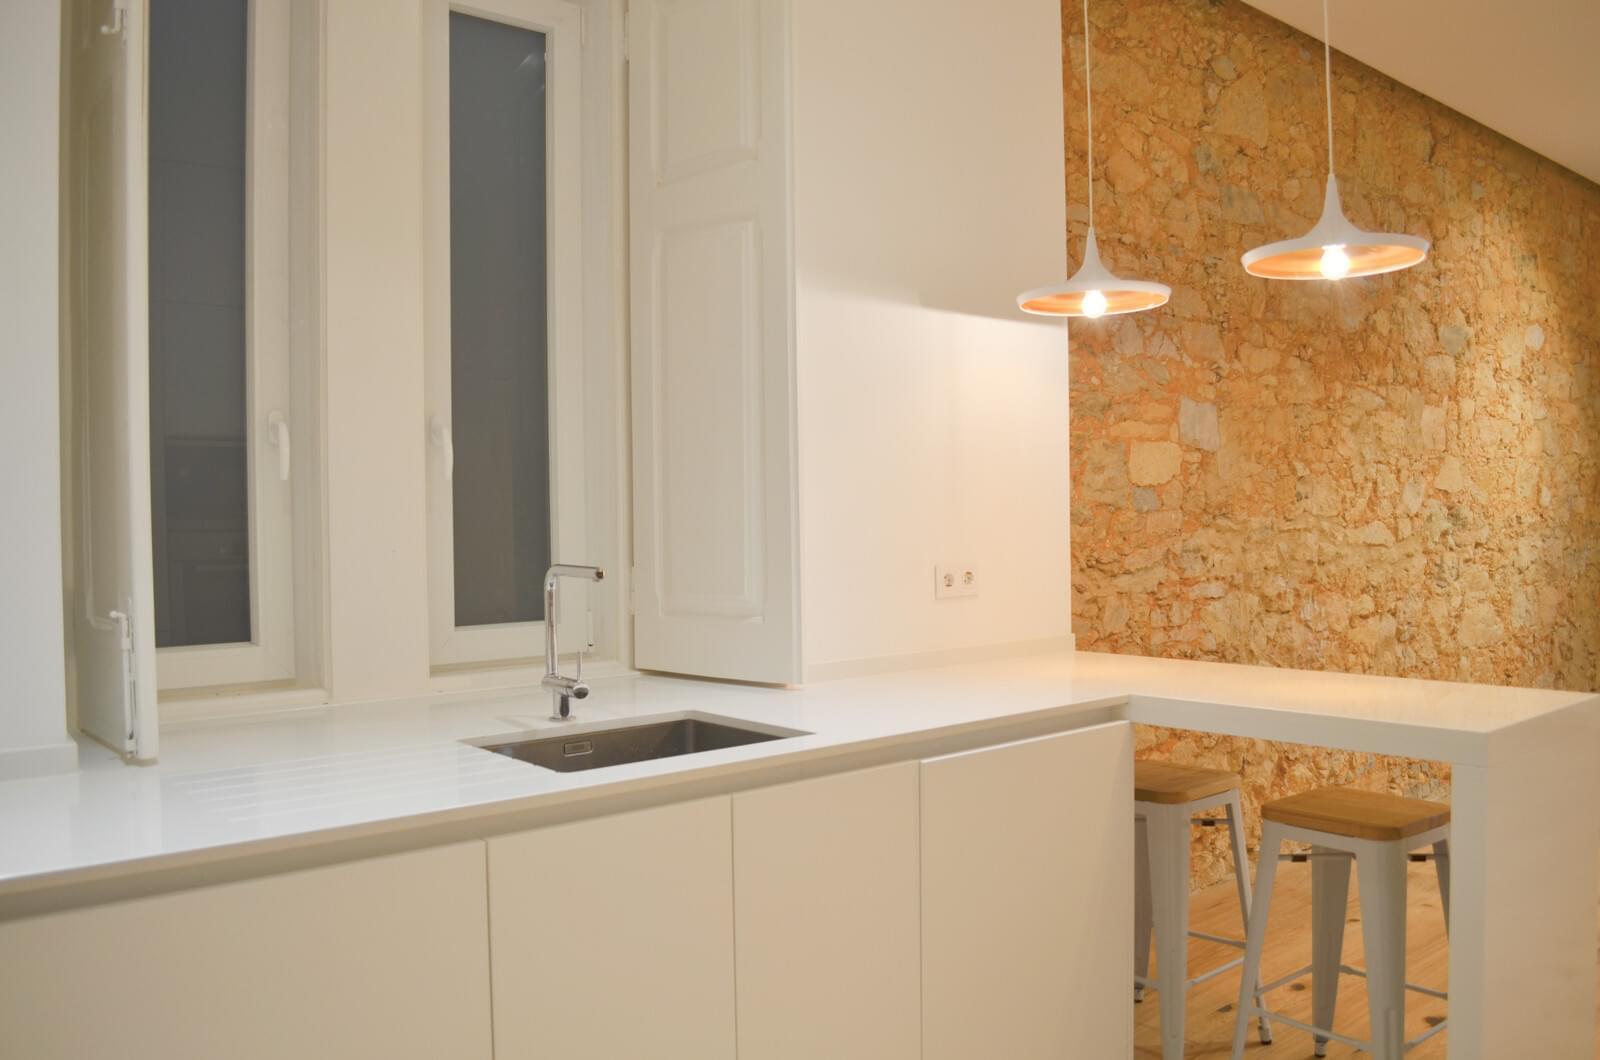 pf18801-apartamento-t2-lisboa-72866c16-2621-479c-8376-43fced776fa5